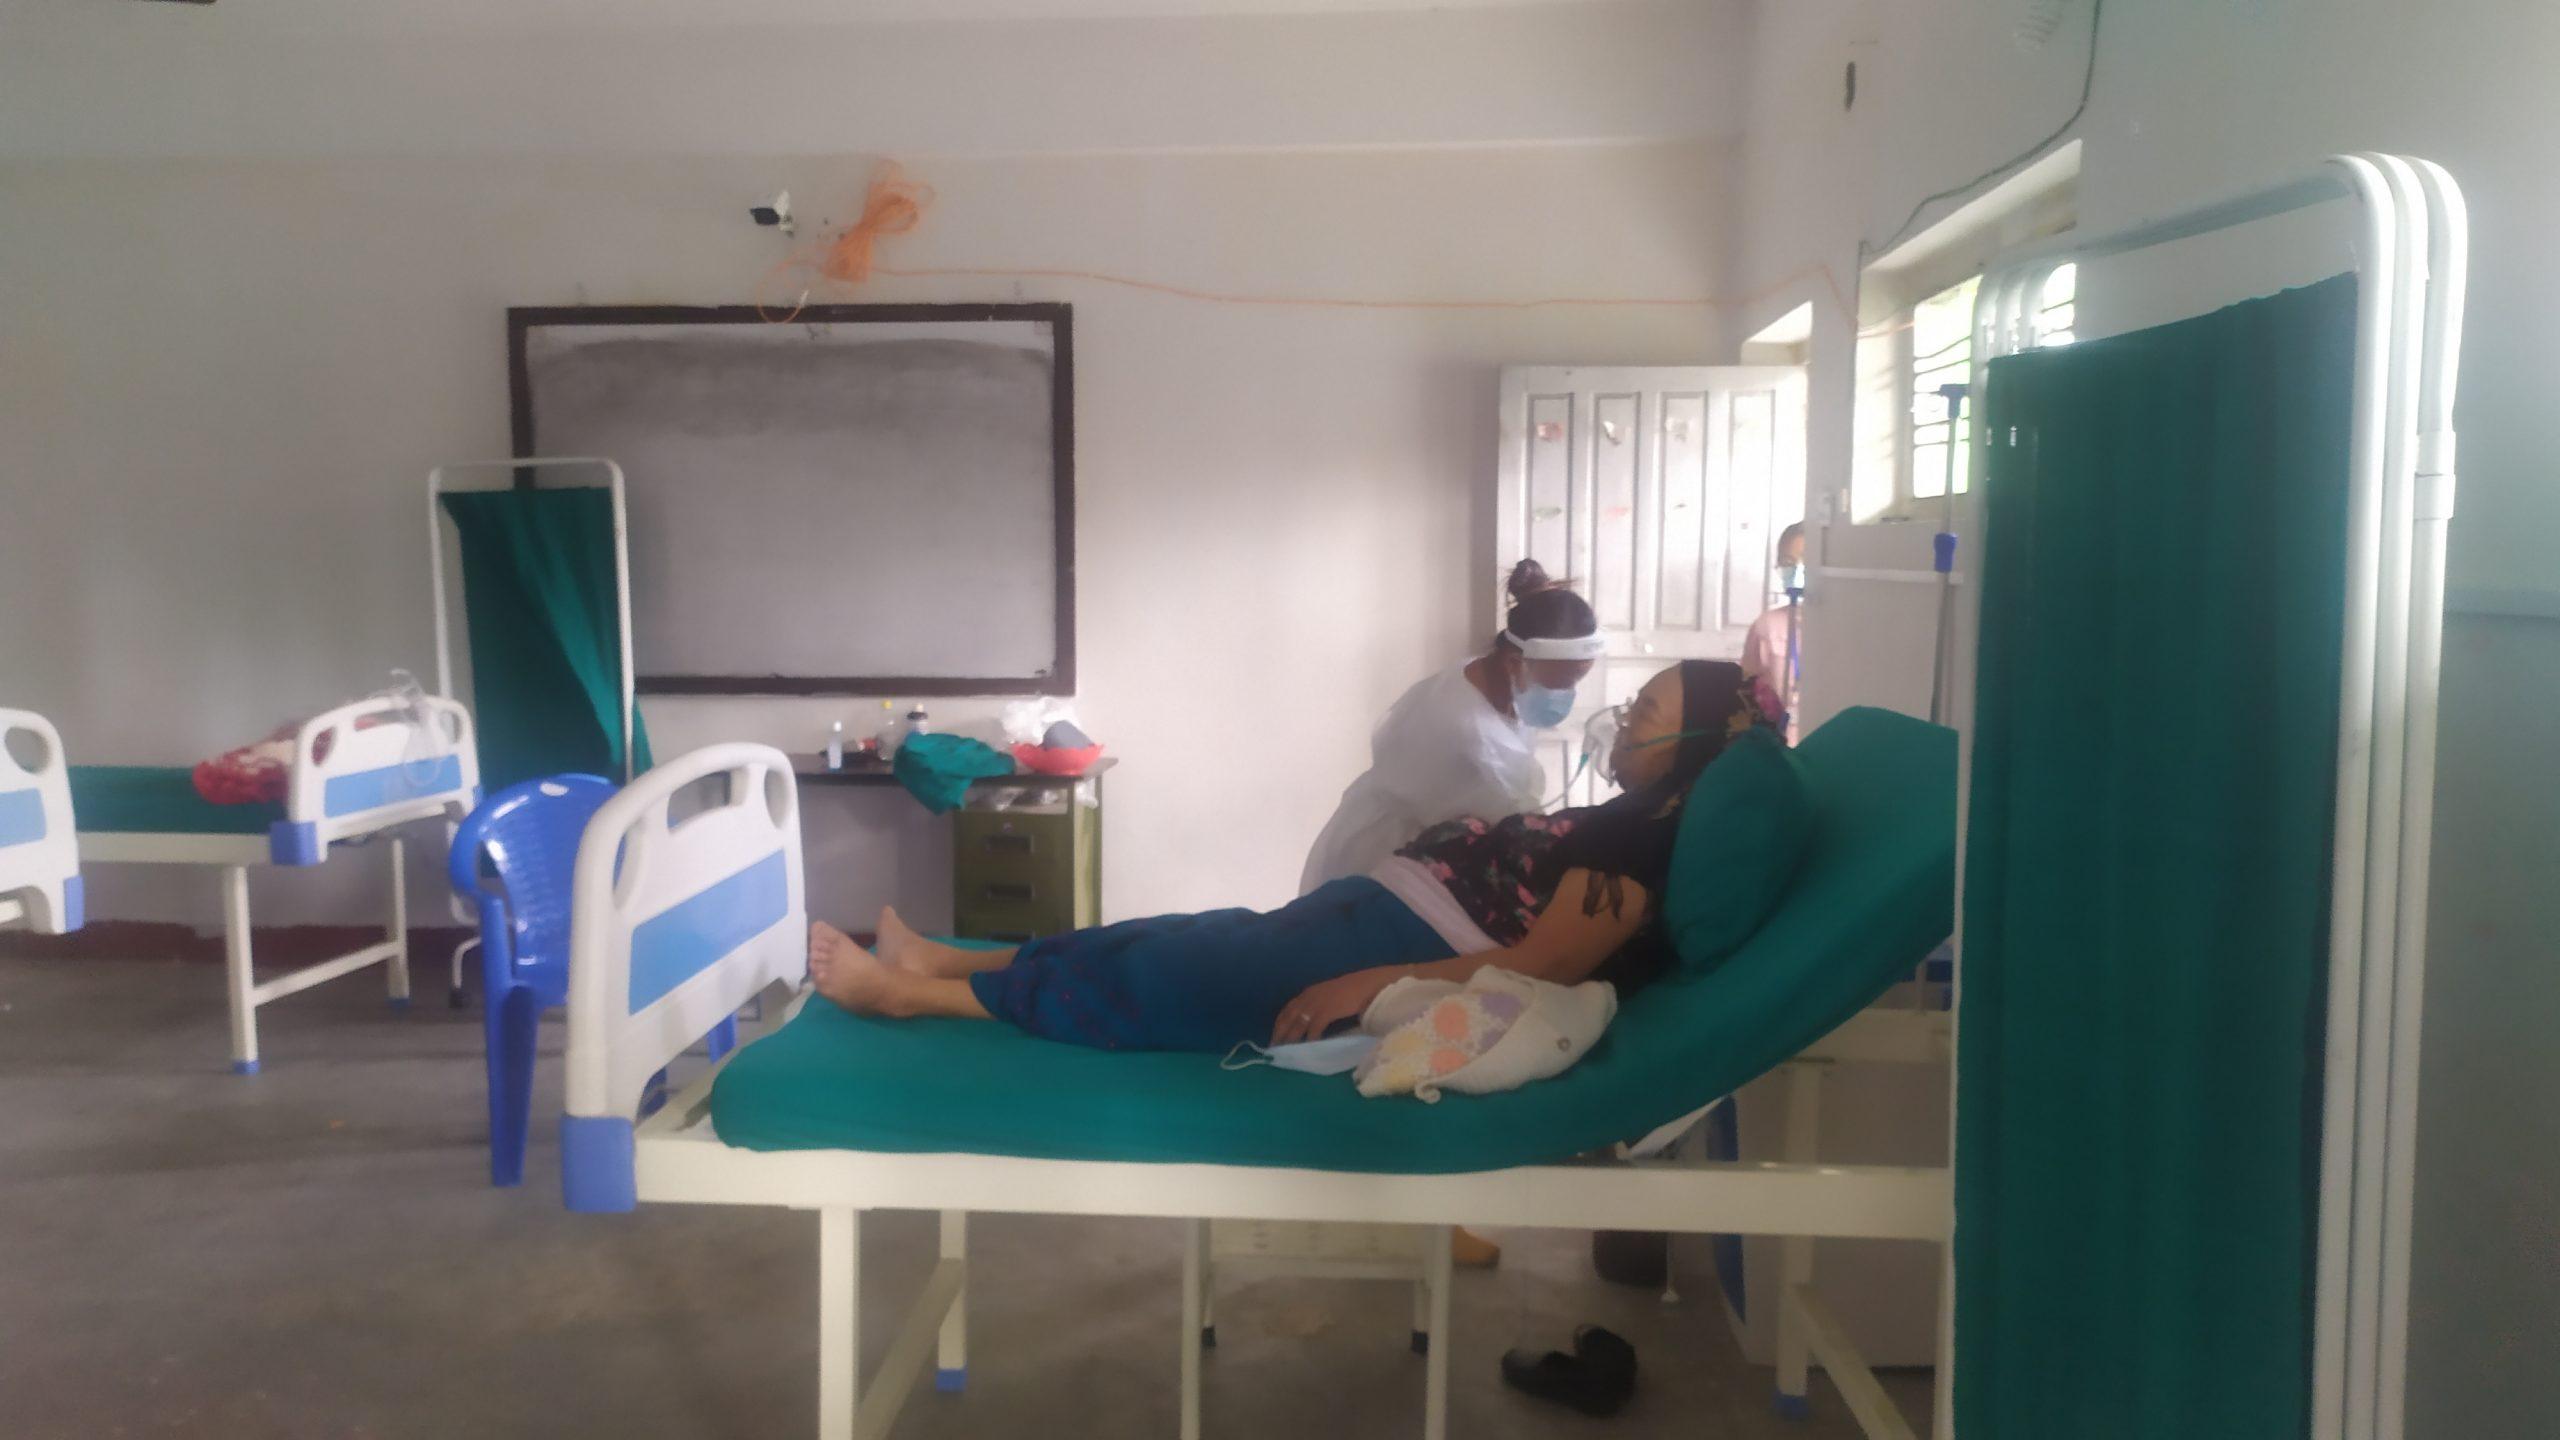 कोरोनाका बिरामिको उपचार लेटाङमा सुरु